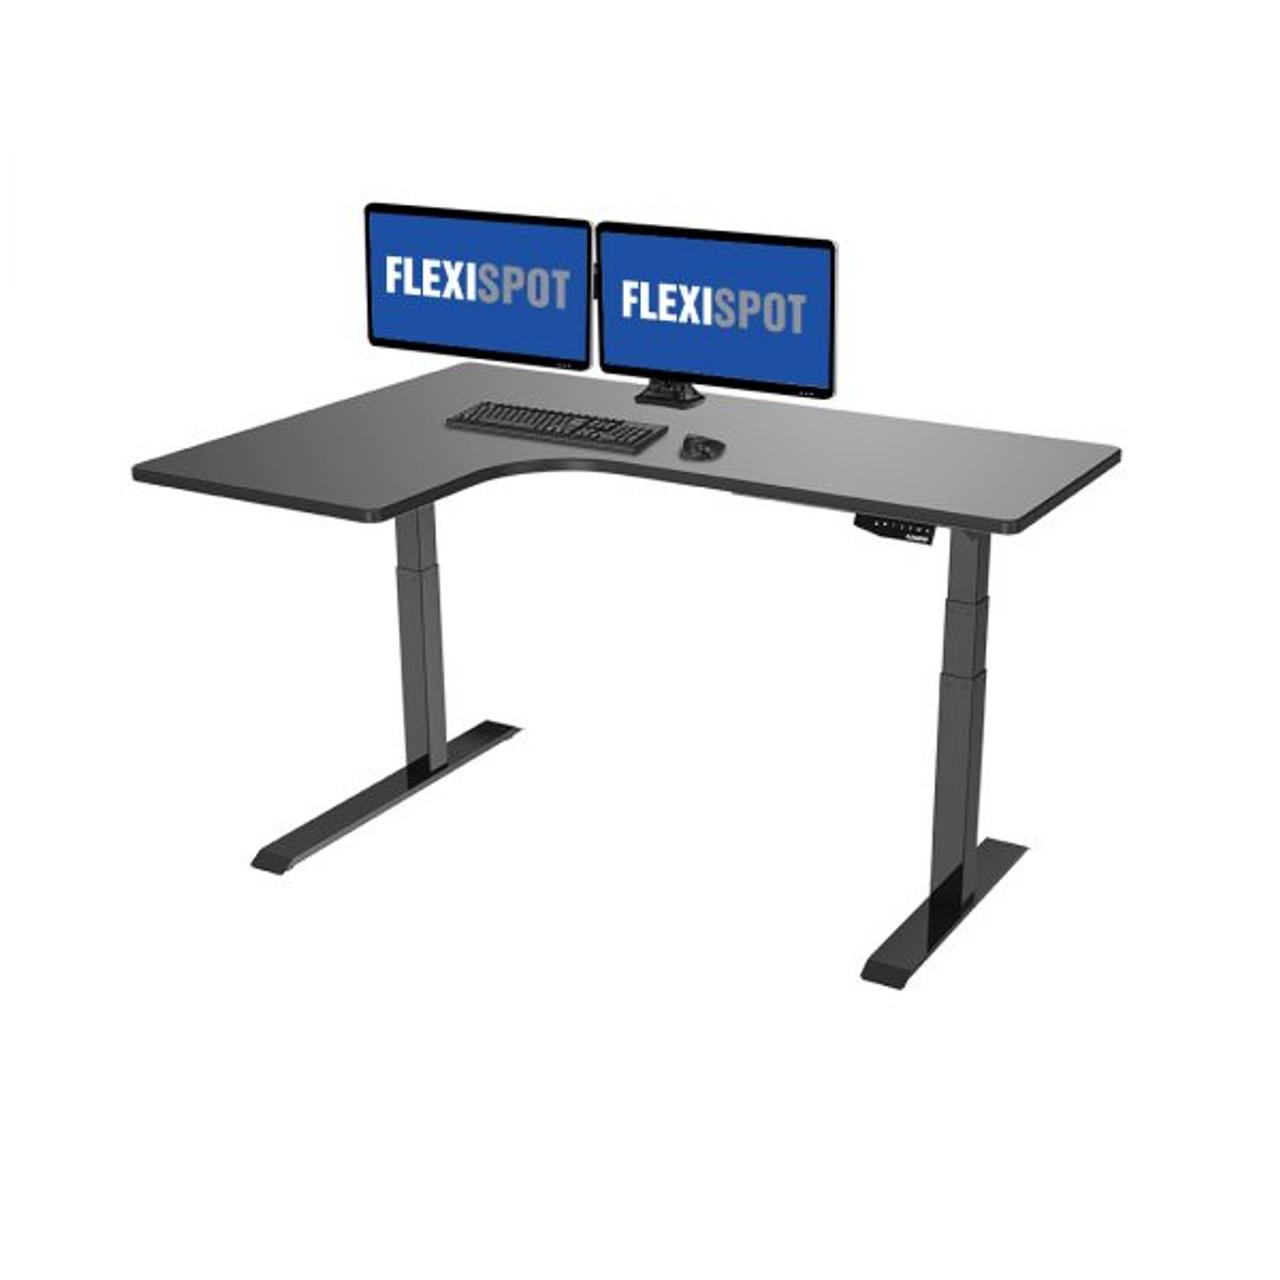 Flexispot L-Shaped Electric Height Adjustable Desks